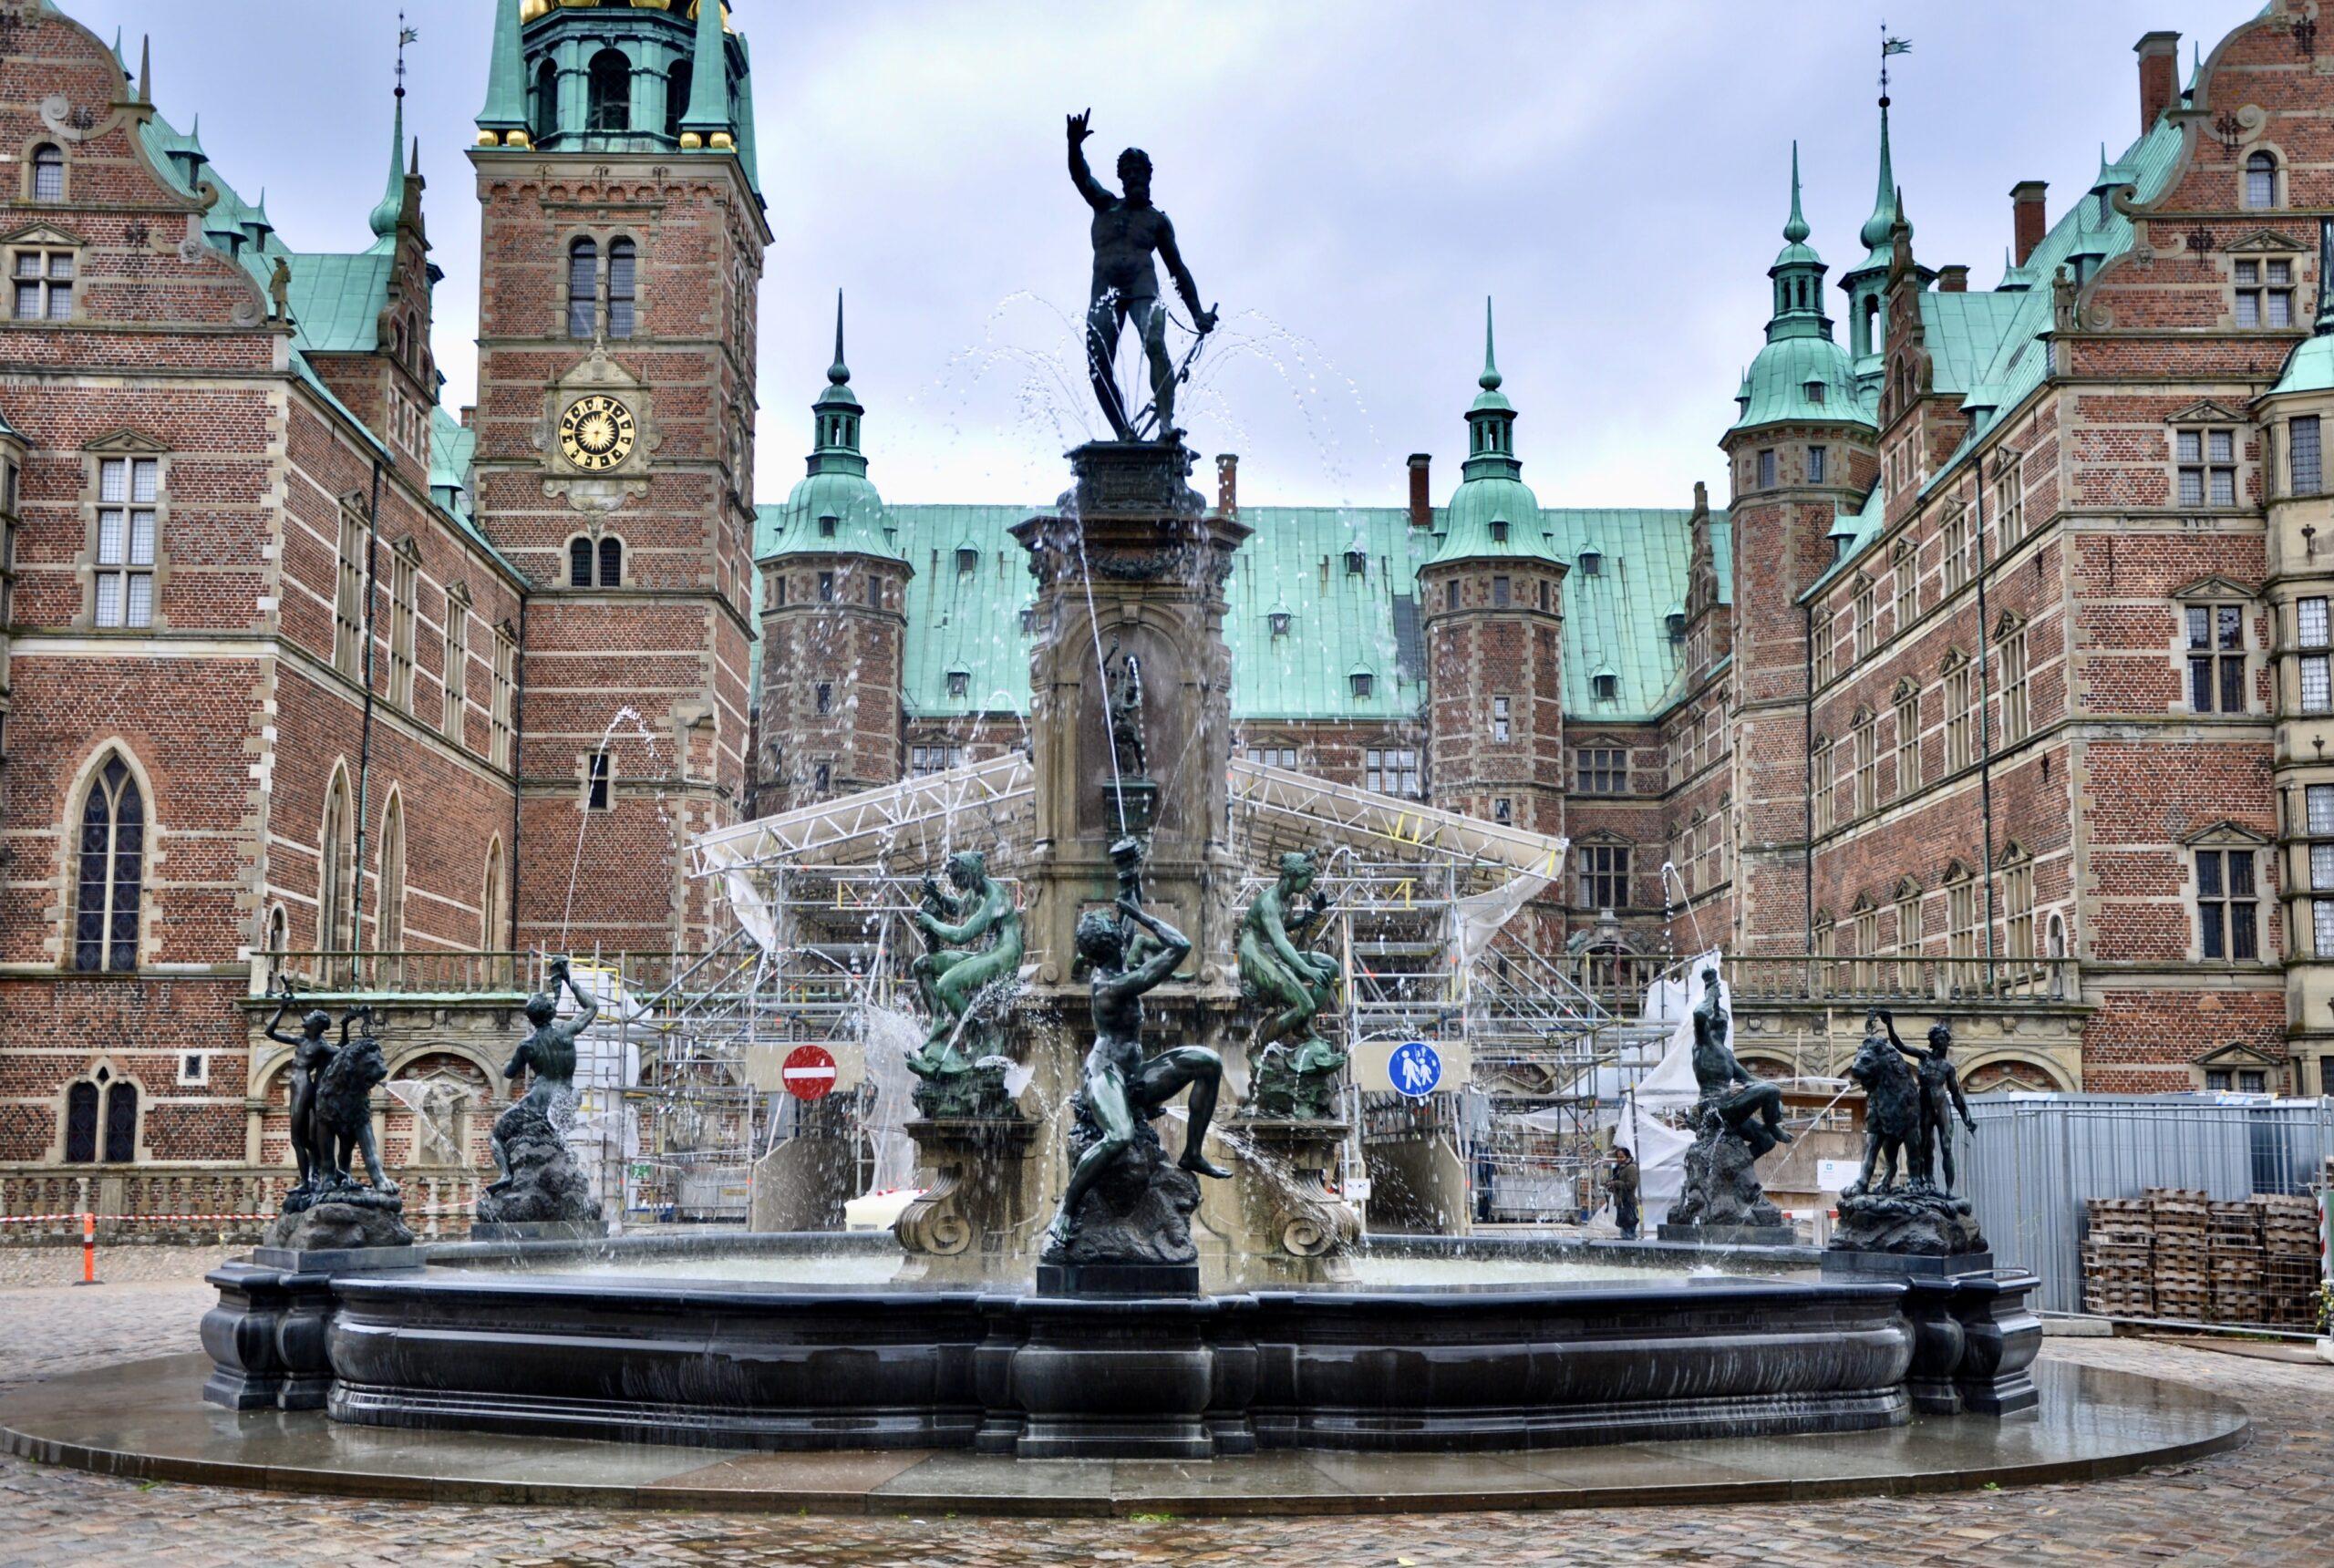 Fontanna Neptuna dzieło  Adriana de Vries, zamek Frederiksborg